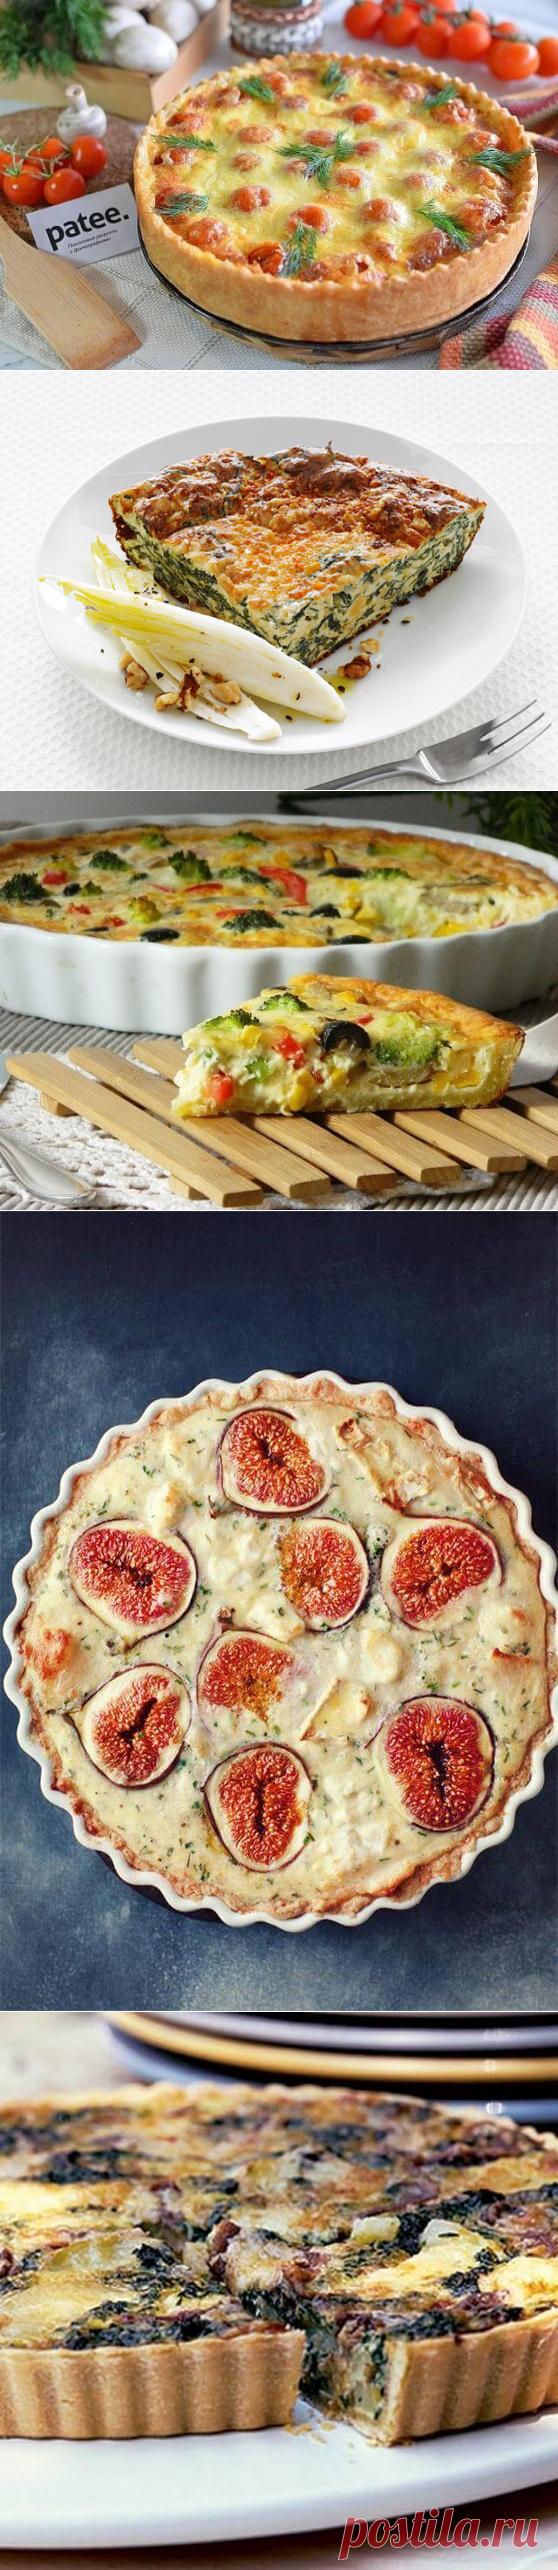 Французский киш: 8 вариантов открытых пирогов — Вкусные рецепты